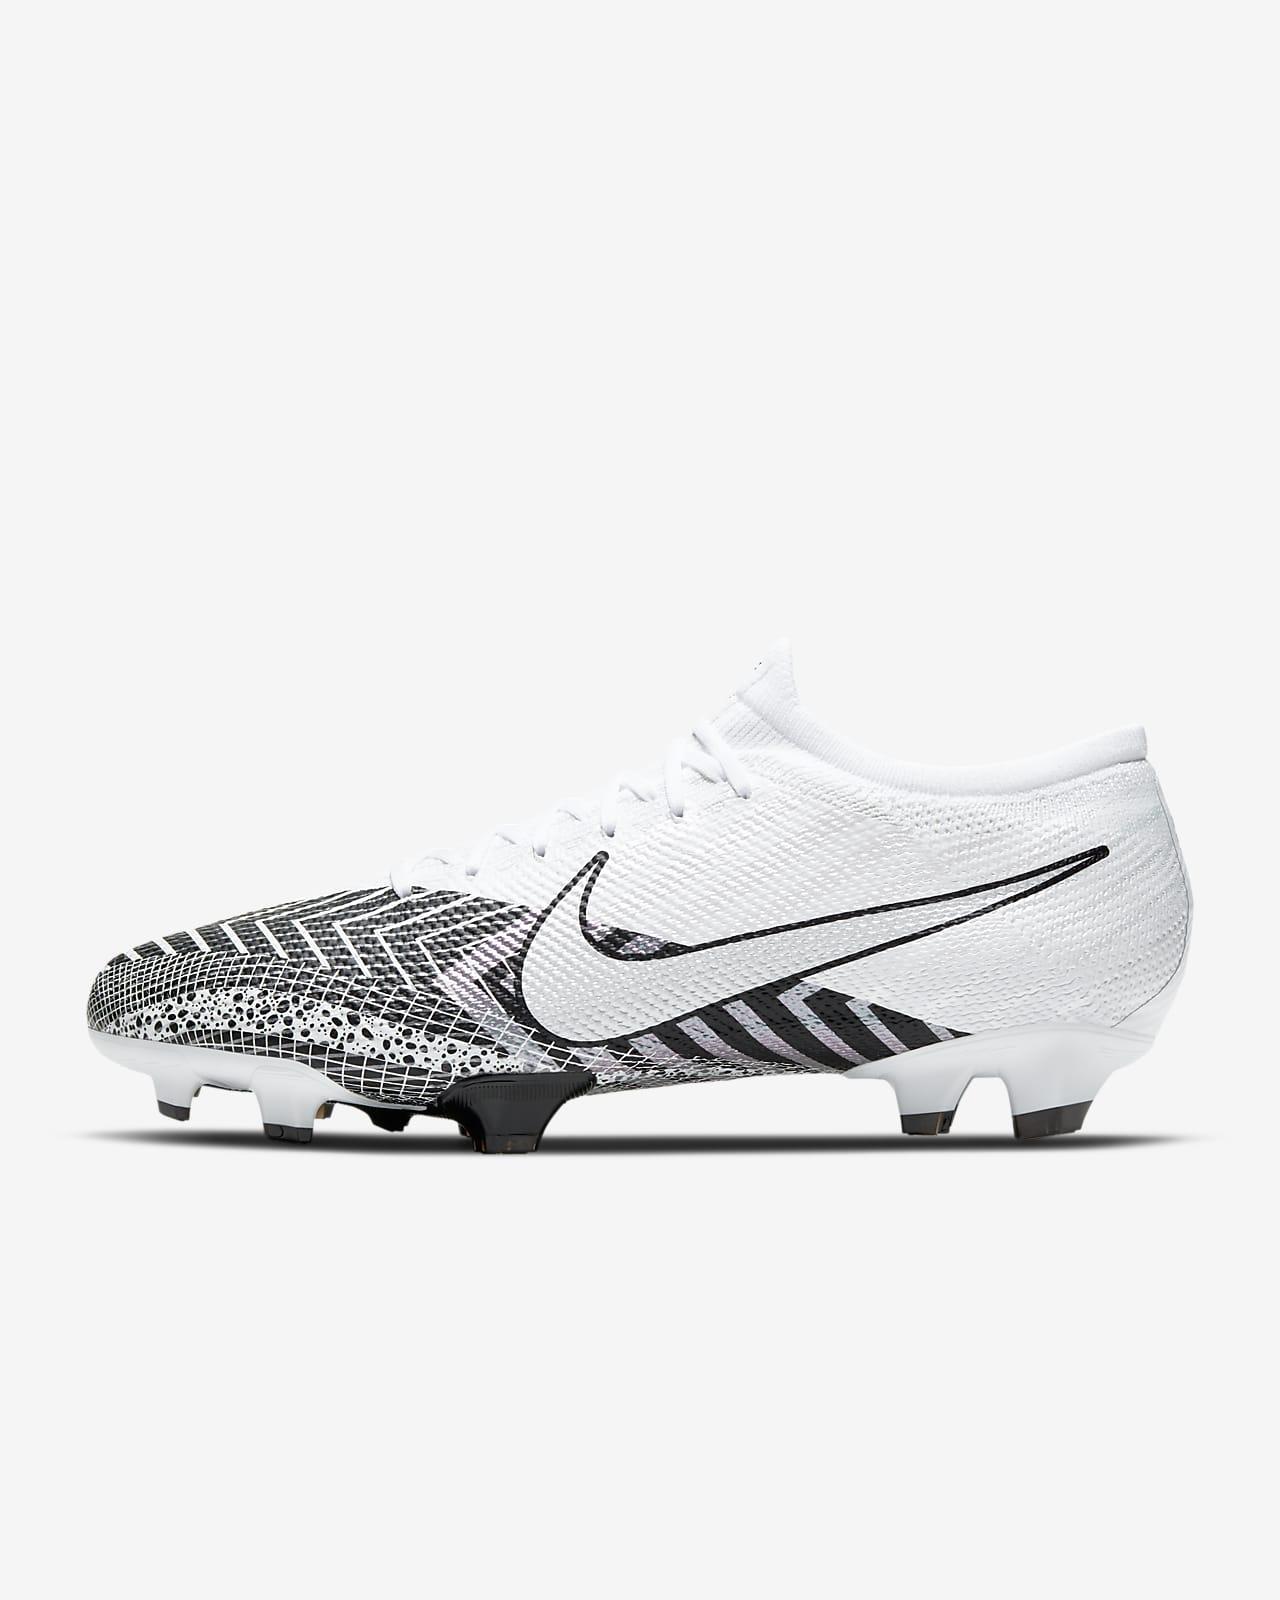 Chaussure de football à crampons pour terrain sec Nike Mercurial Vapor 13 Pro MDS FG